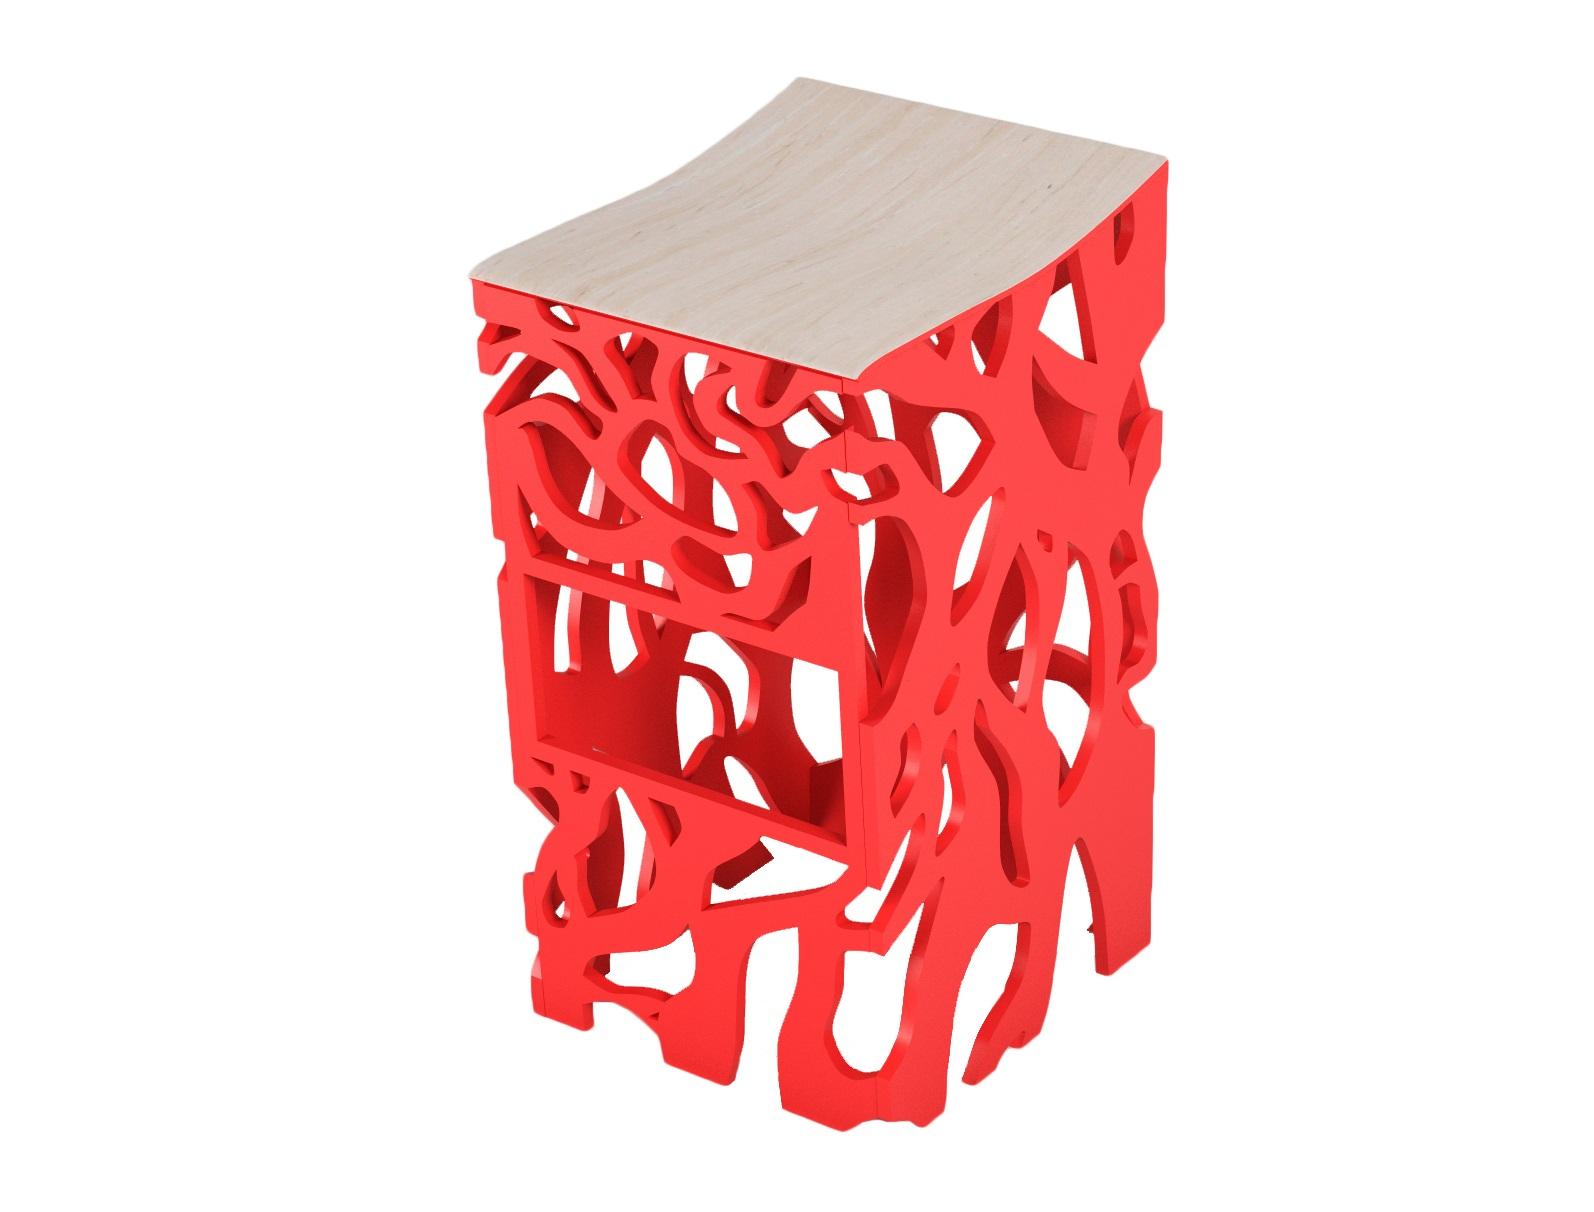 Стул ПлющБарные стулья<br>Барный стул дизайна ODINGENIY перевернет ваше представление о барных стульях&amp;amp;nbsp;&amp;lt;div&amp;gt;Материал: МДФ, шпон&amp;amp;nbsp;&amp;lt;/div&amp;gt;<br><br>Material: МДФ<br>Width см: 40<br>Depth см: 52<br>Height см: 84